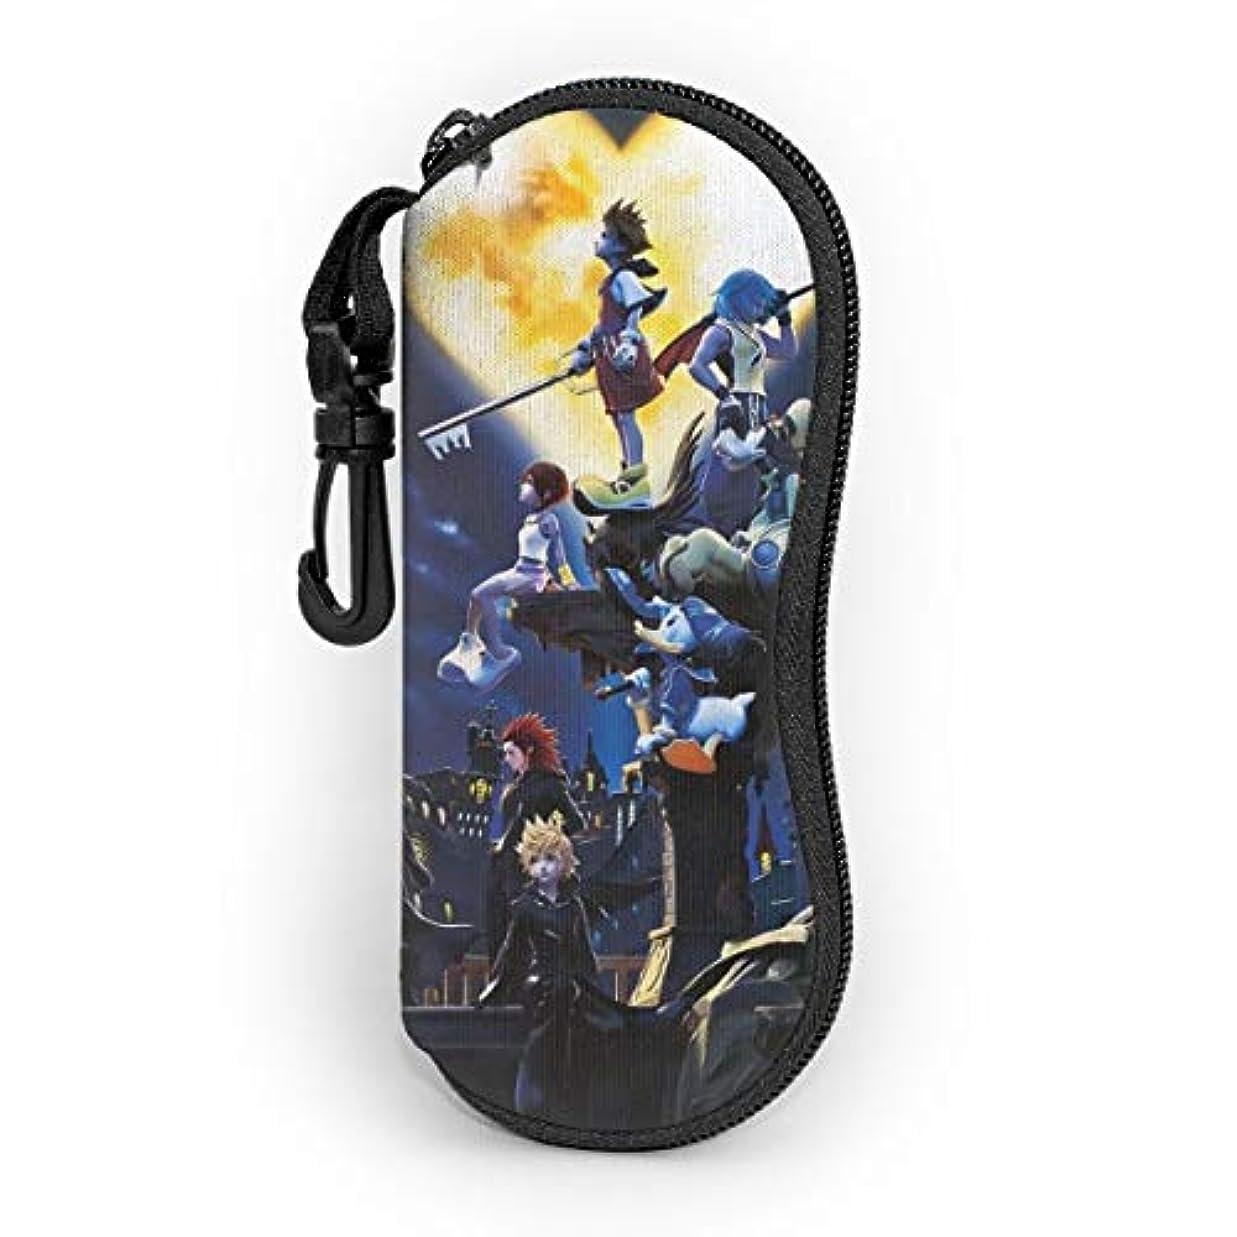 宇宙飛行士言い聞かせる摩擦キングダムハーツ Kingdom Hearts メガネバッグ 眼鏡ケース サングラスケース メガネ収納ケース サングラスボックス ジッパーメガネ サングラスバッグ メガネケース おしゃれ スリム 超軽量 ポータブル 多機能 キーチェーン付き